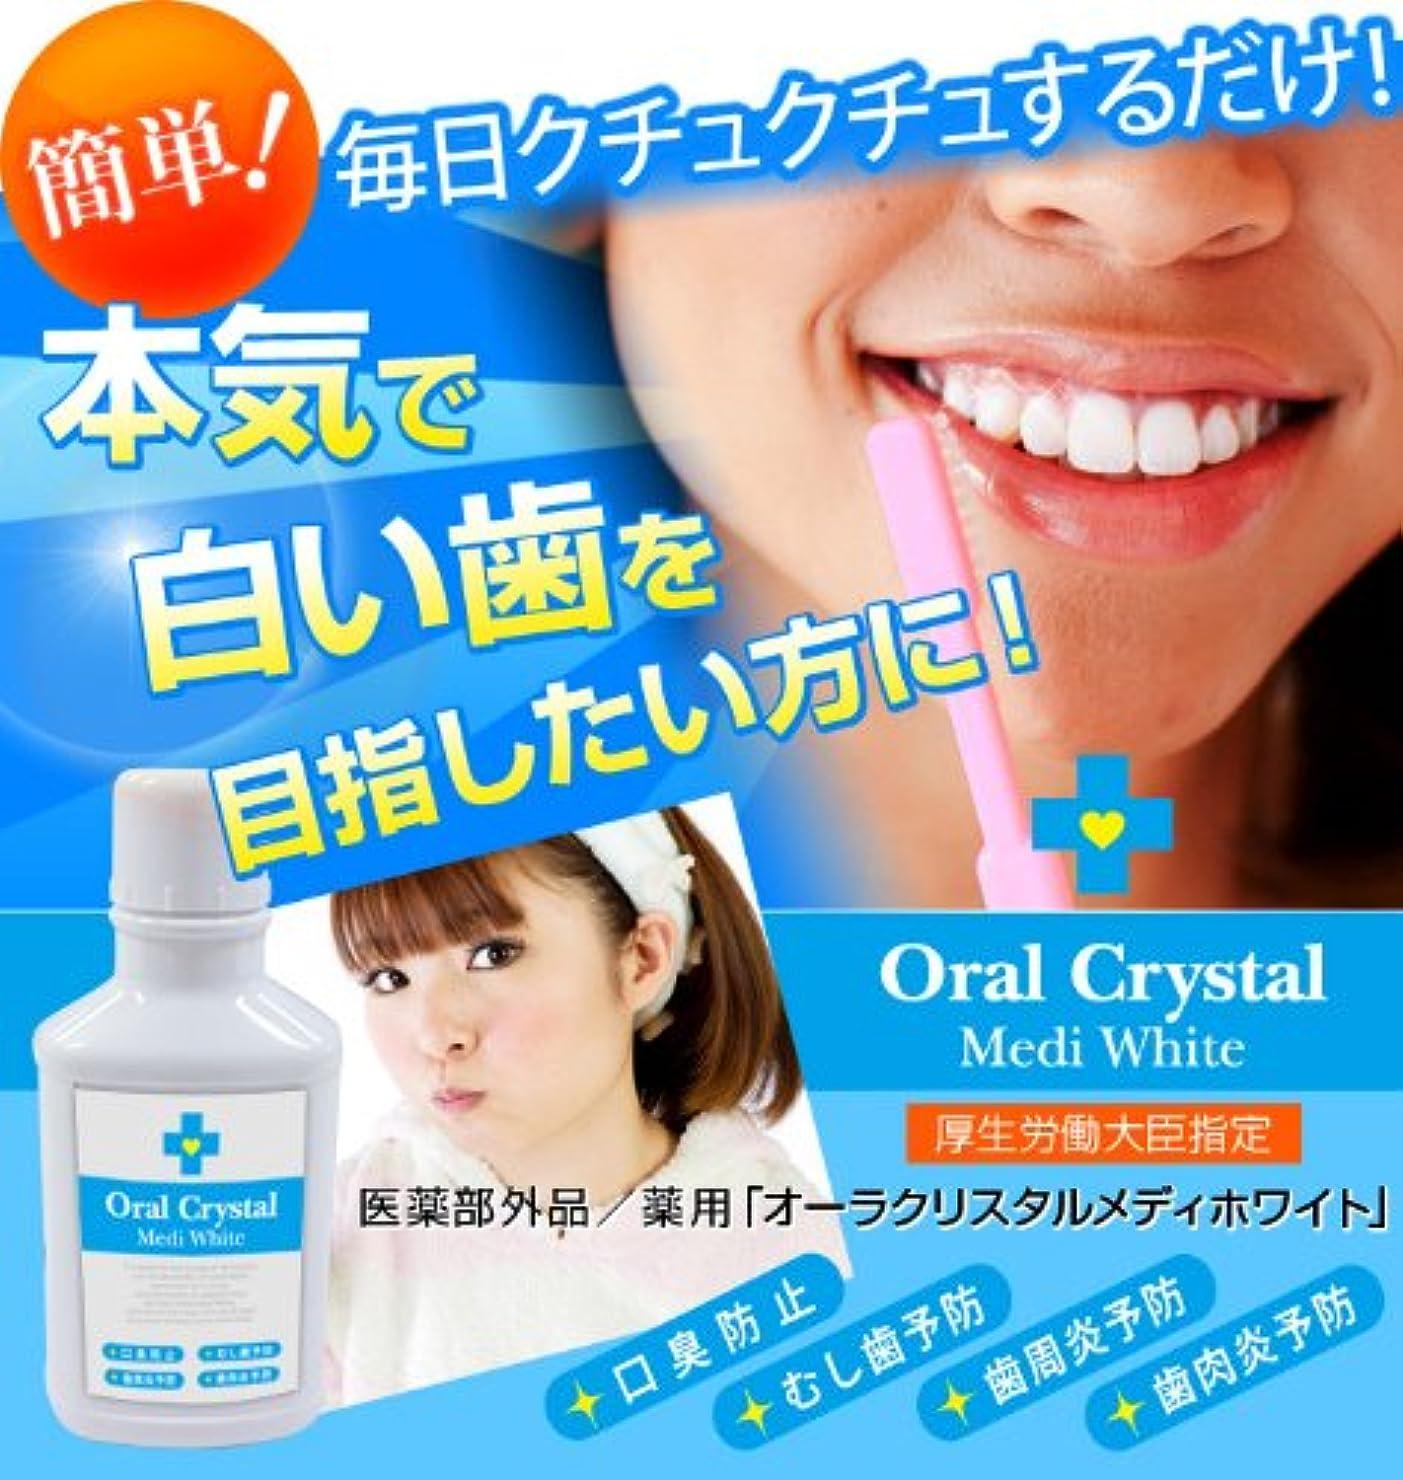 批判的スタッフ酸オーラクリスタル メディホワイト(口臭予防ホワイトニング 薬用マウスウォッシュ)医薬部外品